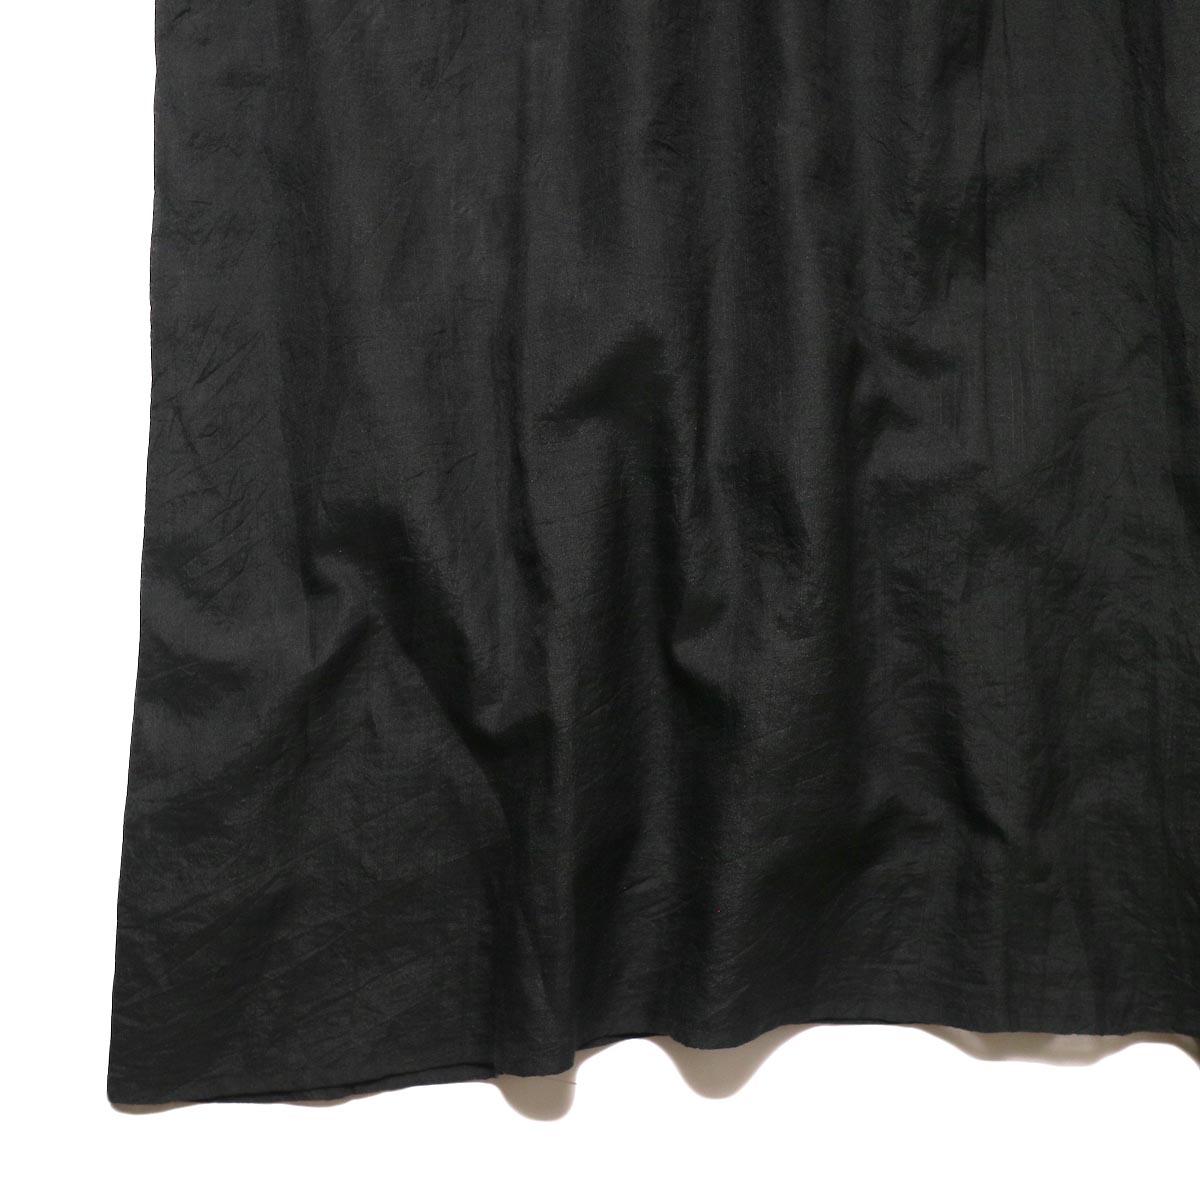 maison de soil / HAND WOVEN COTTON SILK × SILK PLAIN DROP SHOULDER DRESS (black) 裾